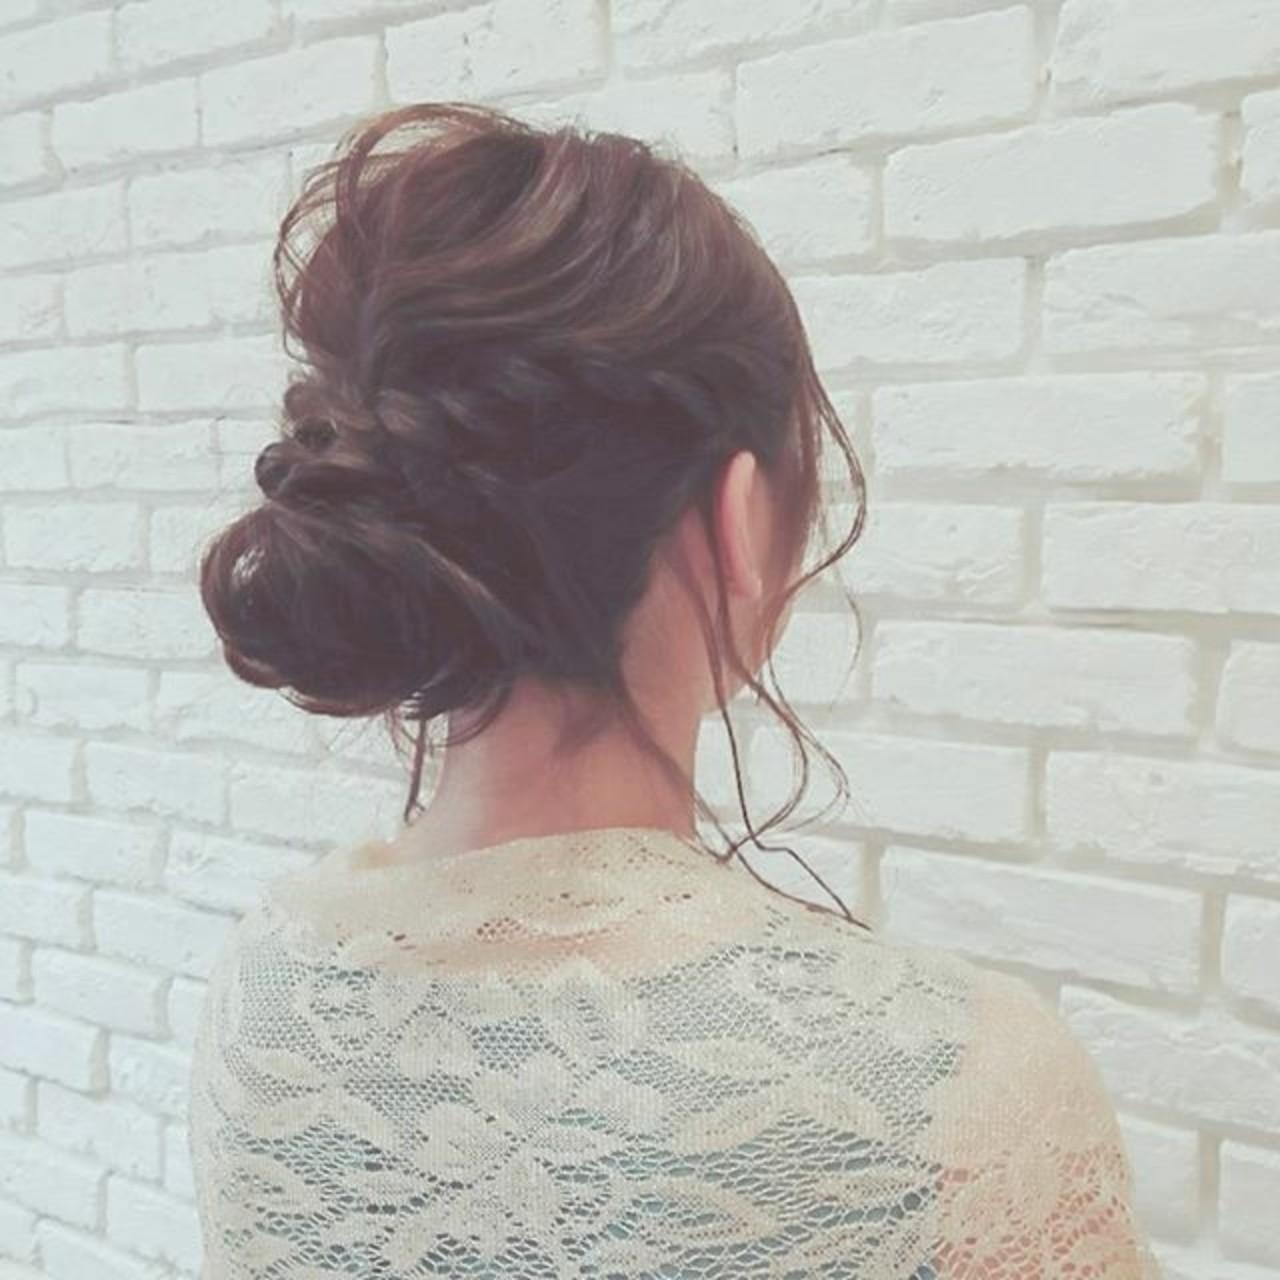 パーティ エレガント デート ロング ヘアスタイルや髪型の写真・画像 | 浦川由起江 / nanon